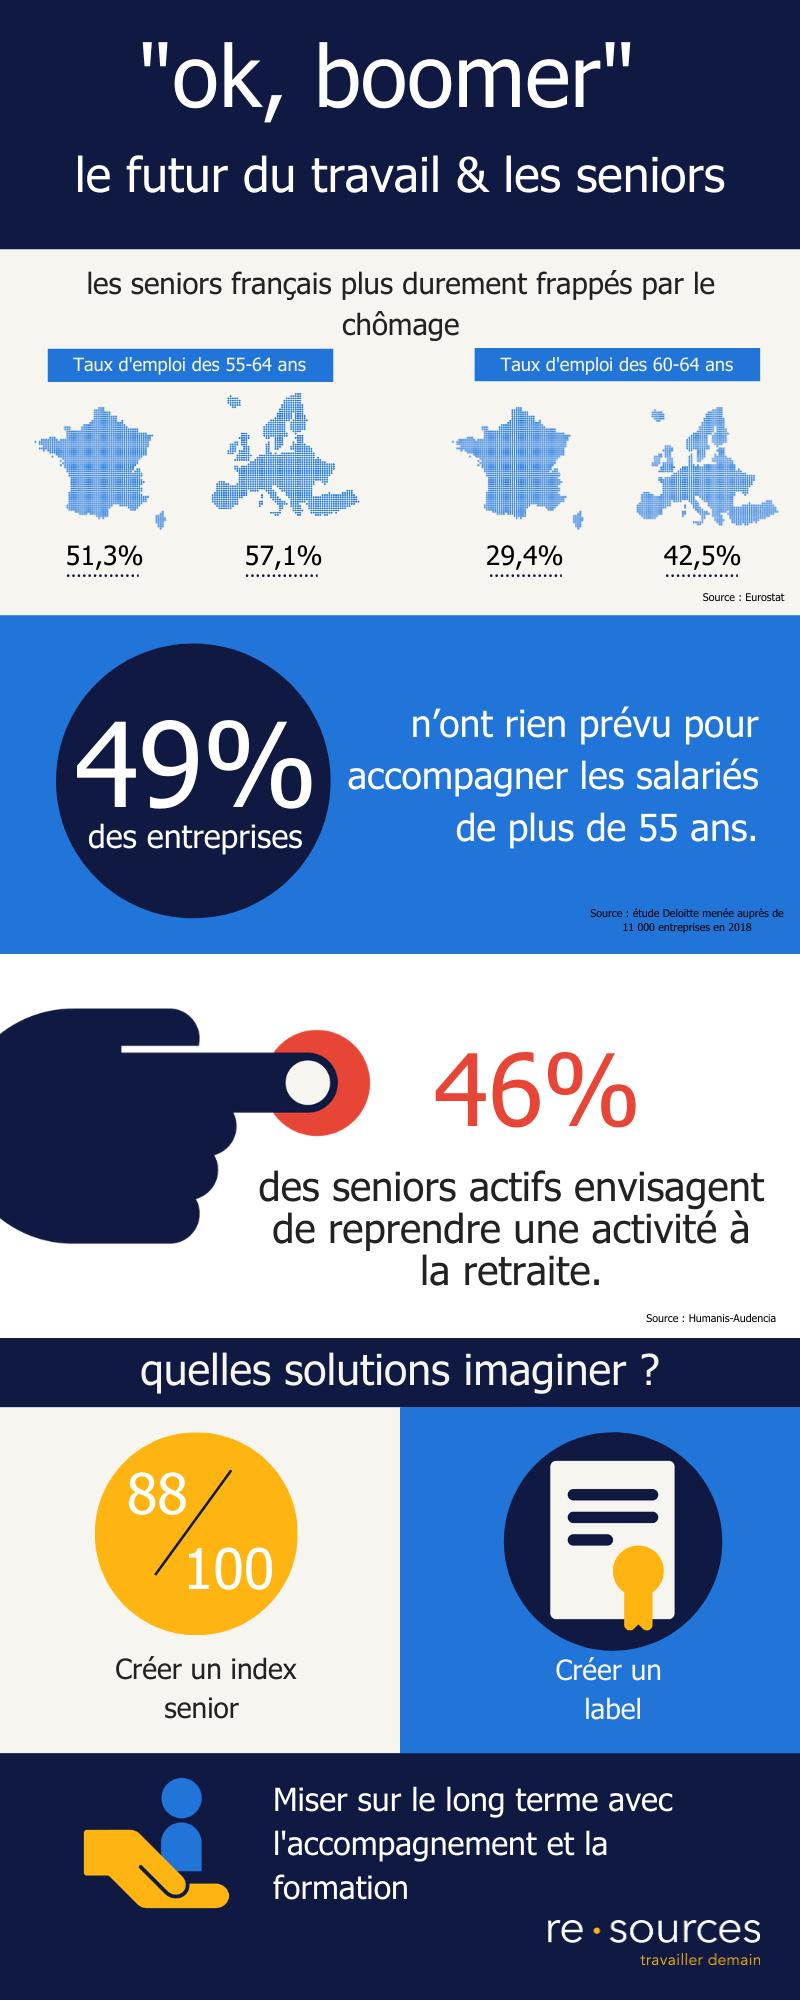 infographie - le marché de l'emploi et le futur au travail des seniors